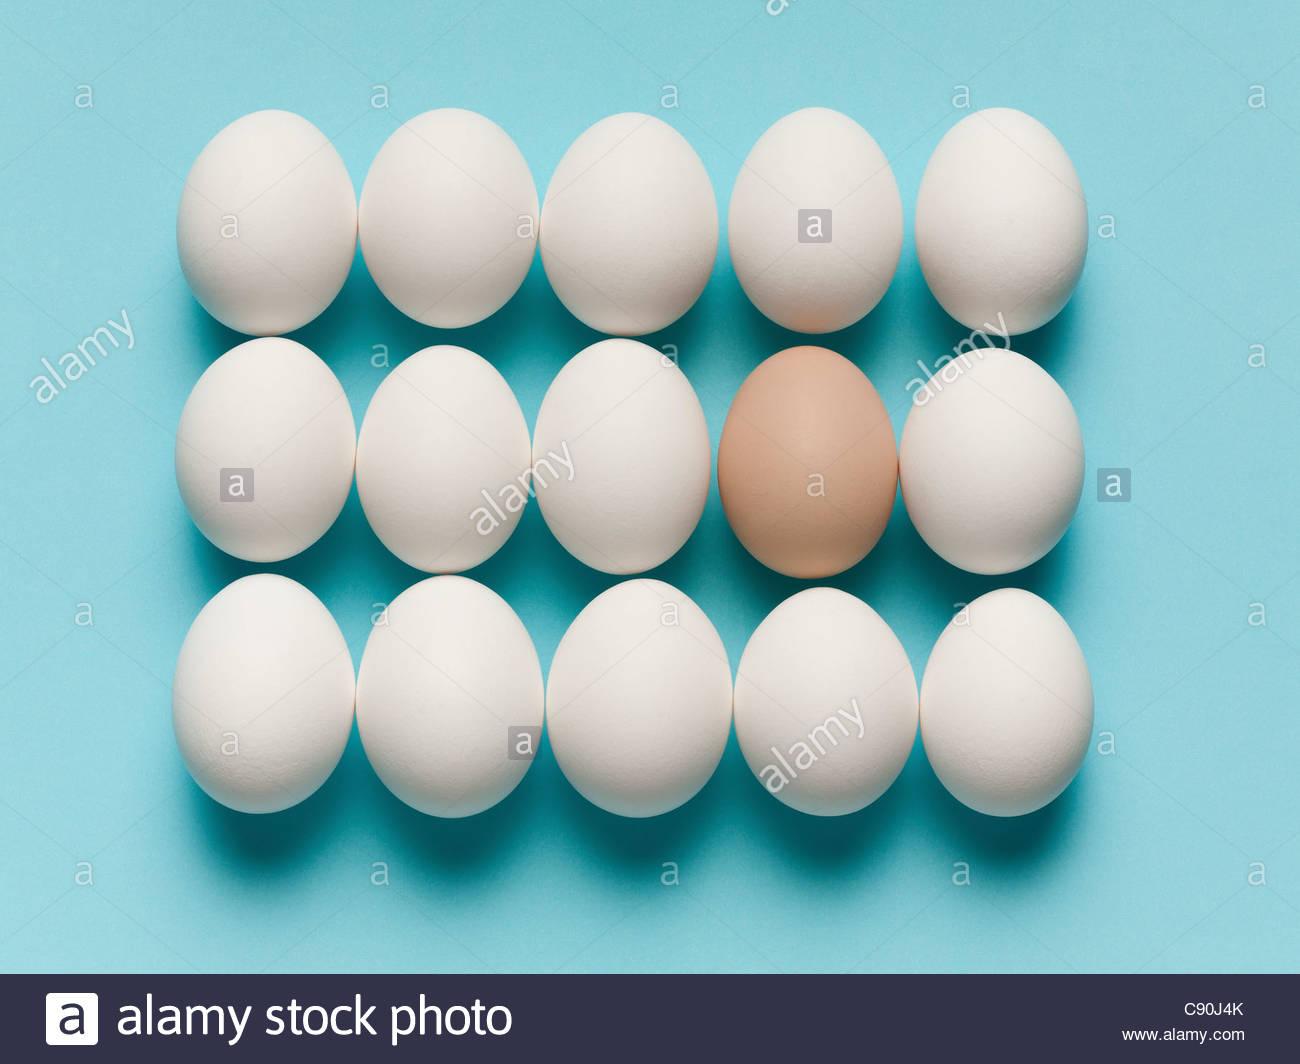 Huevo marrón con grandes huevos blancos Foto de stock